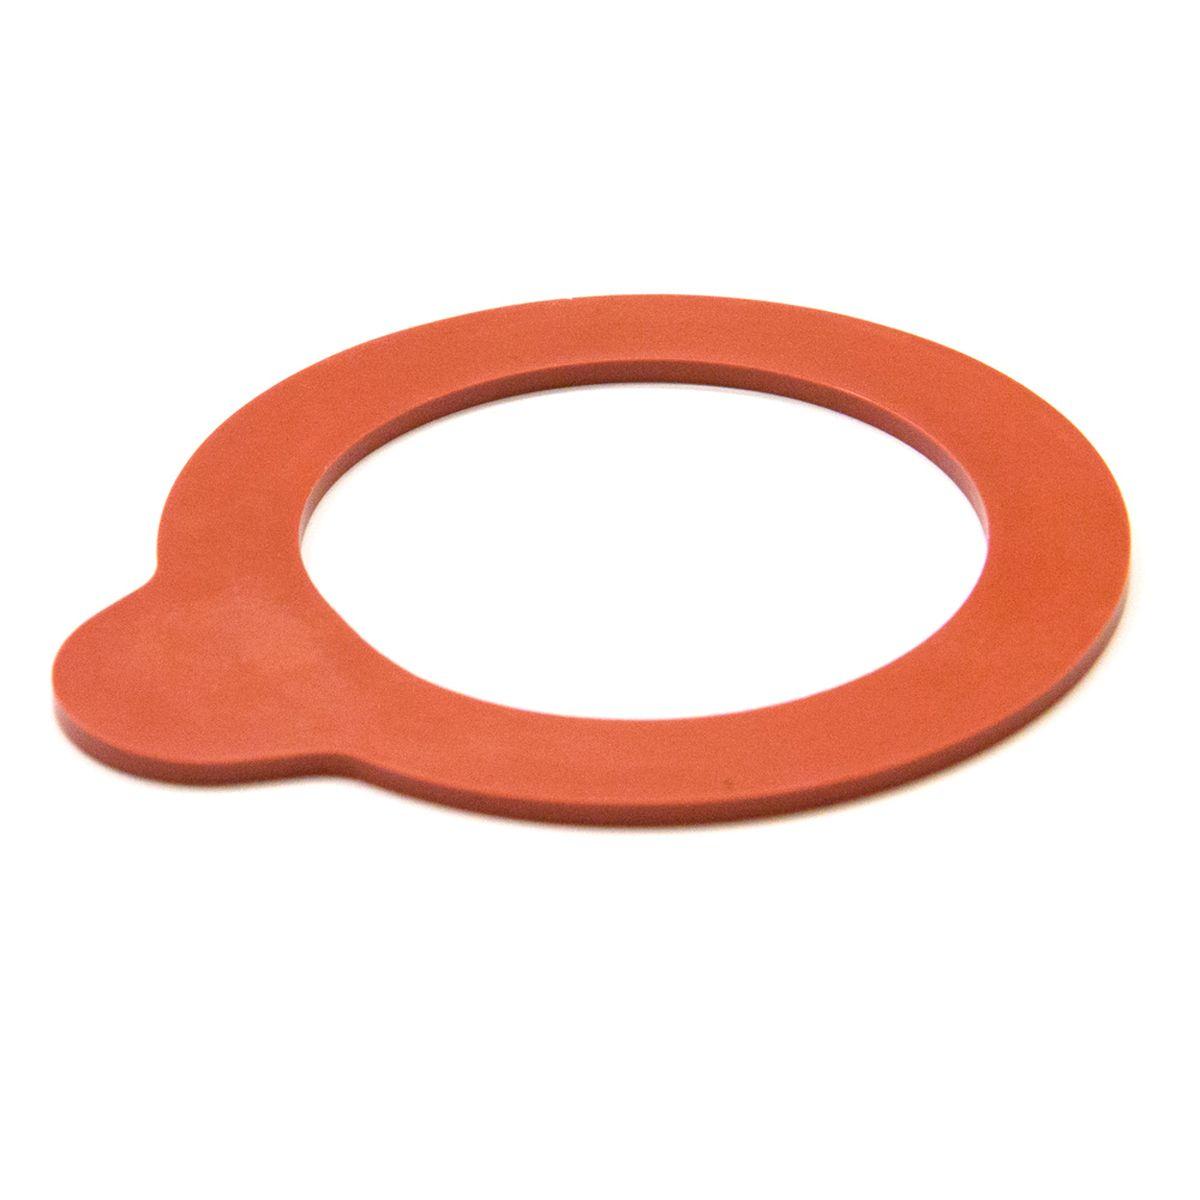 Pièce de rechange : sachet de 6 rondelles 80 mm pour bocal Lock Eat - Bormioli